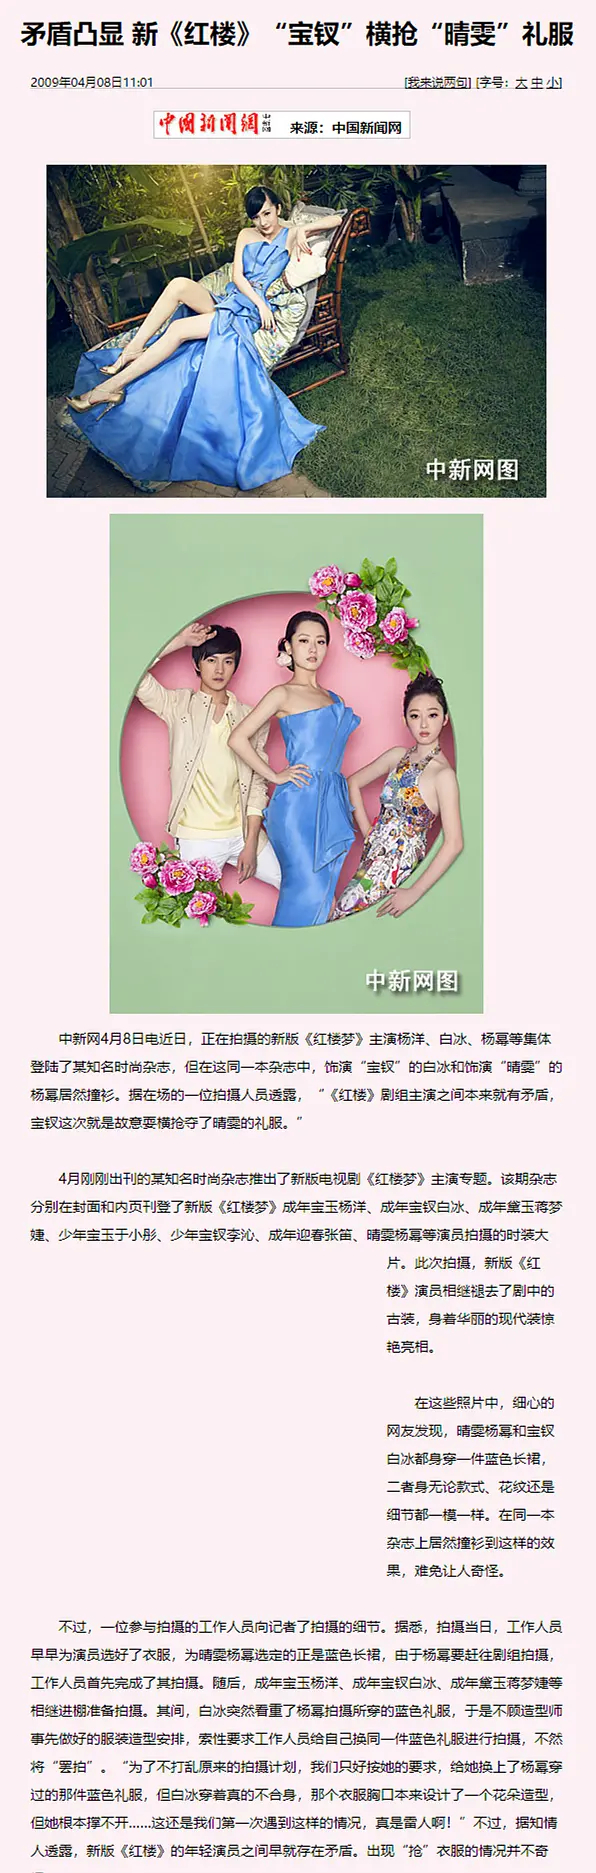 白冰曾抢穿杨幂的衣服《新红楼梦》剧组工作人员说拍海报时白冰看上了